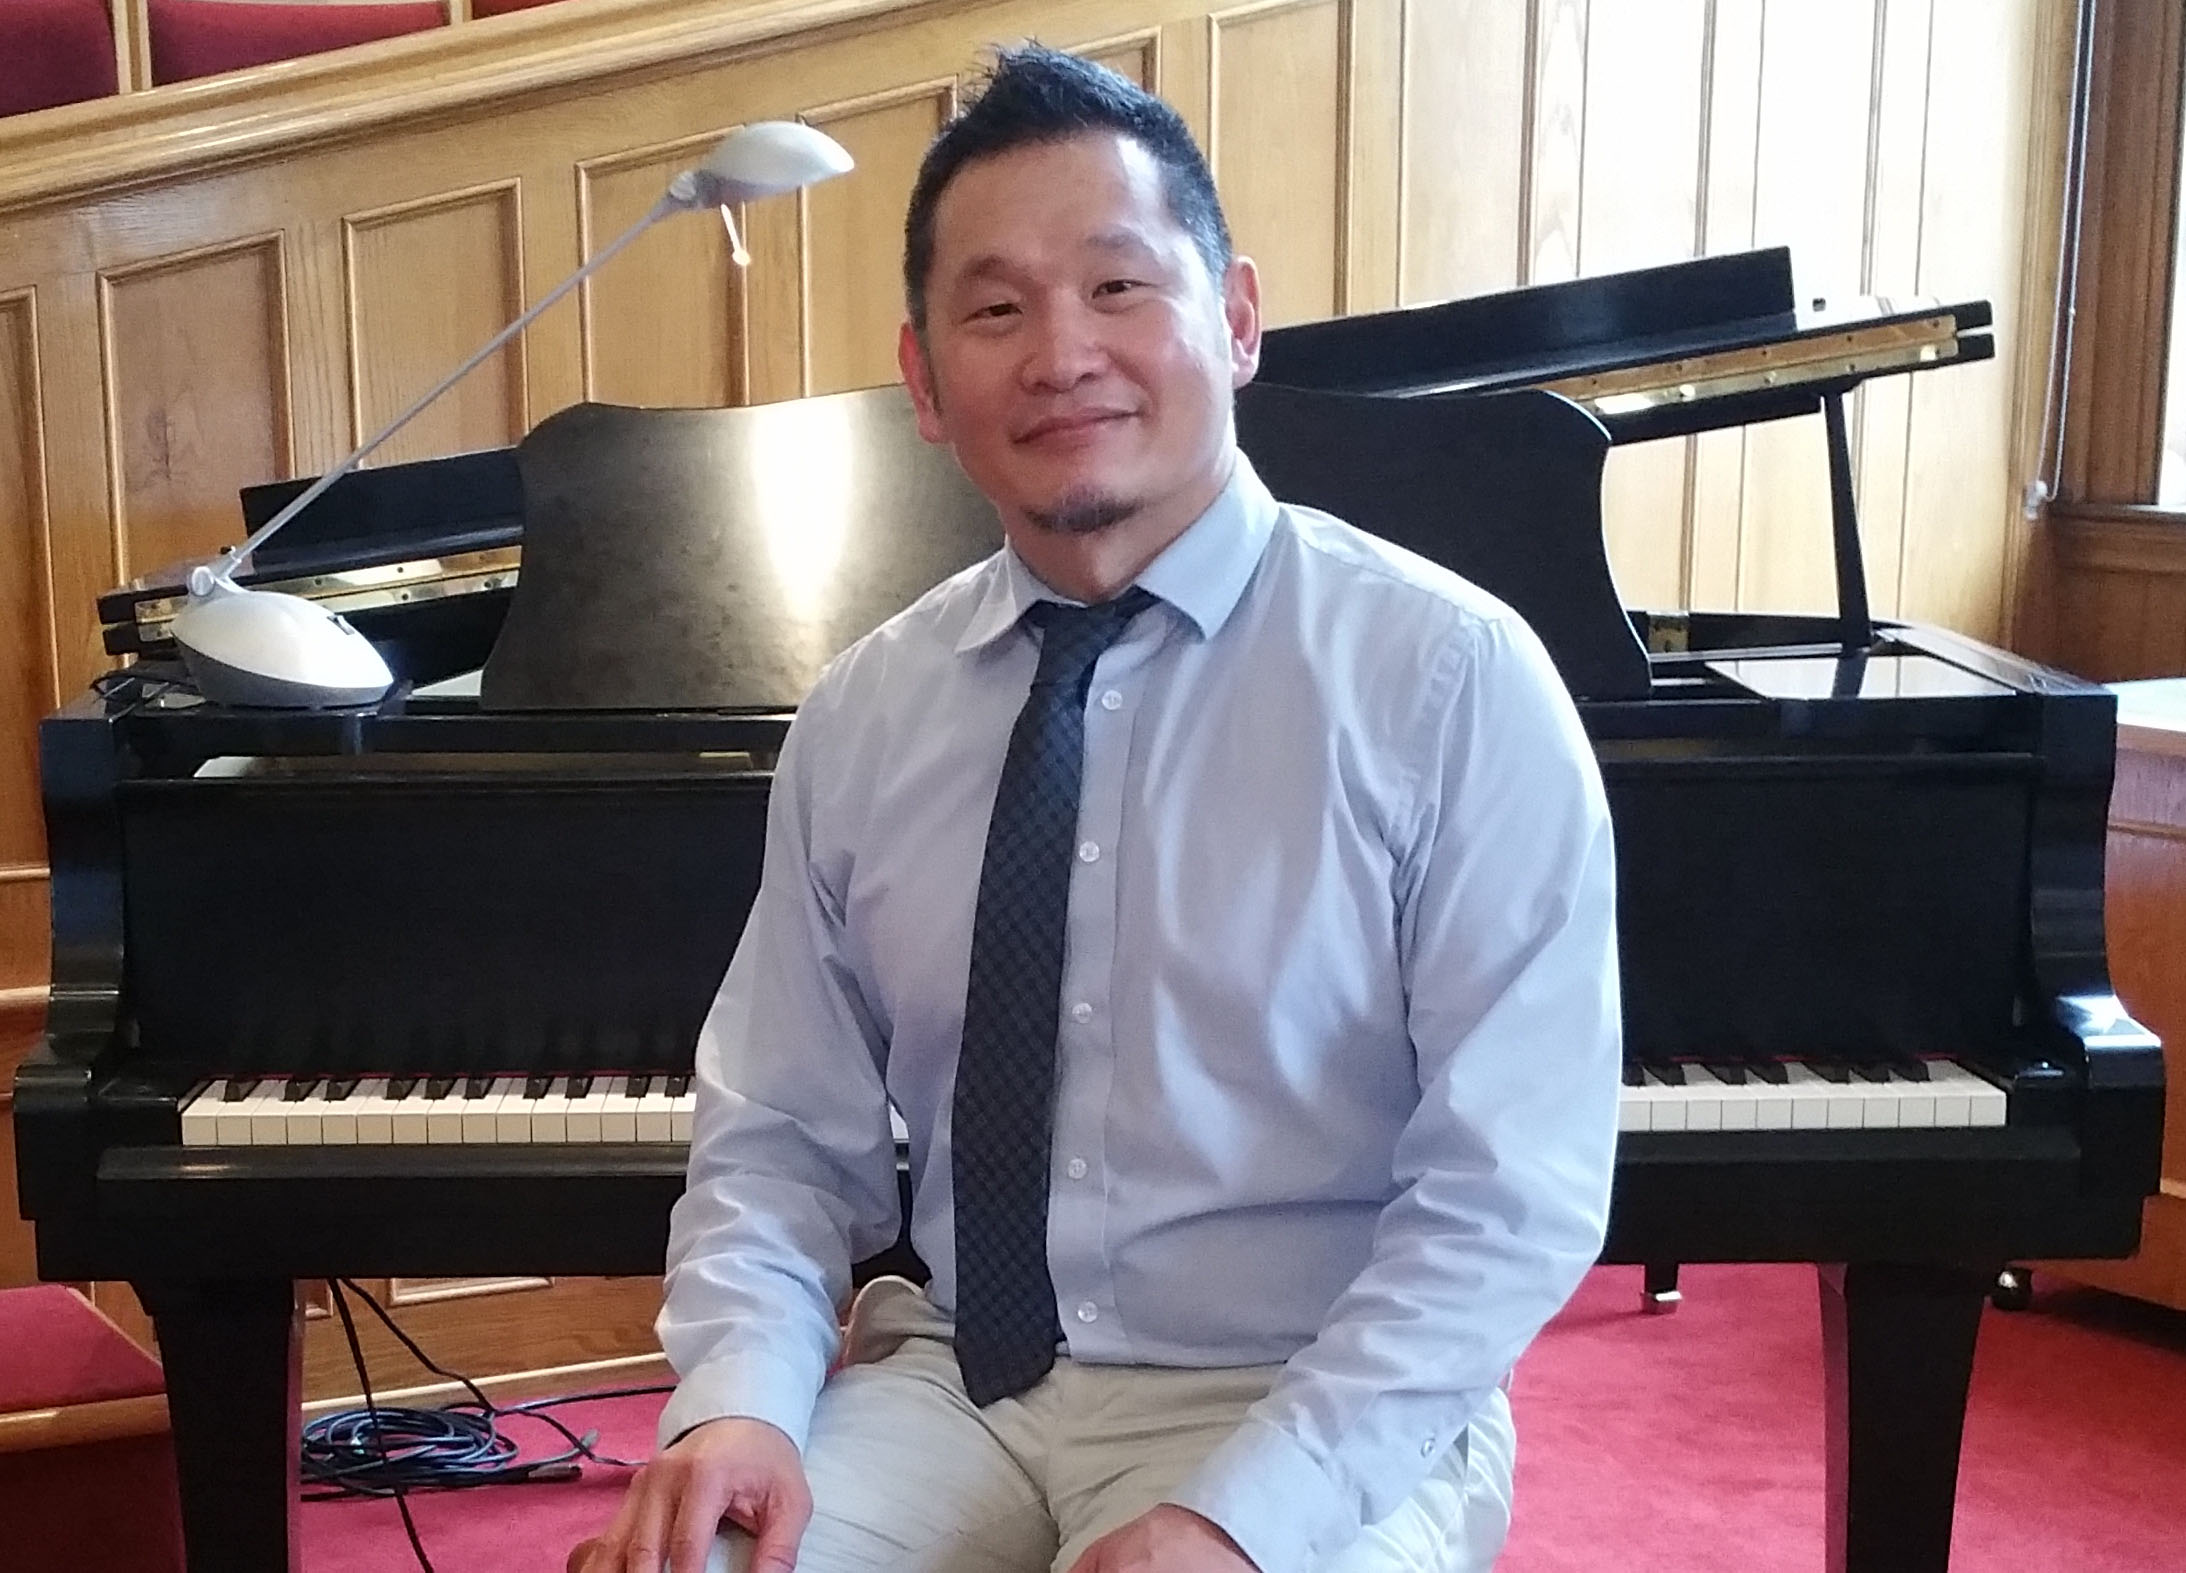 jim-at-piano2.jpg